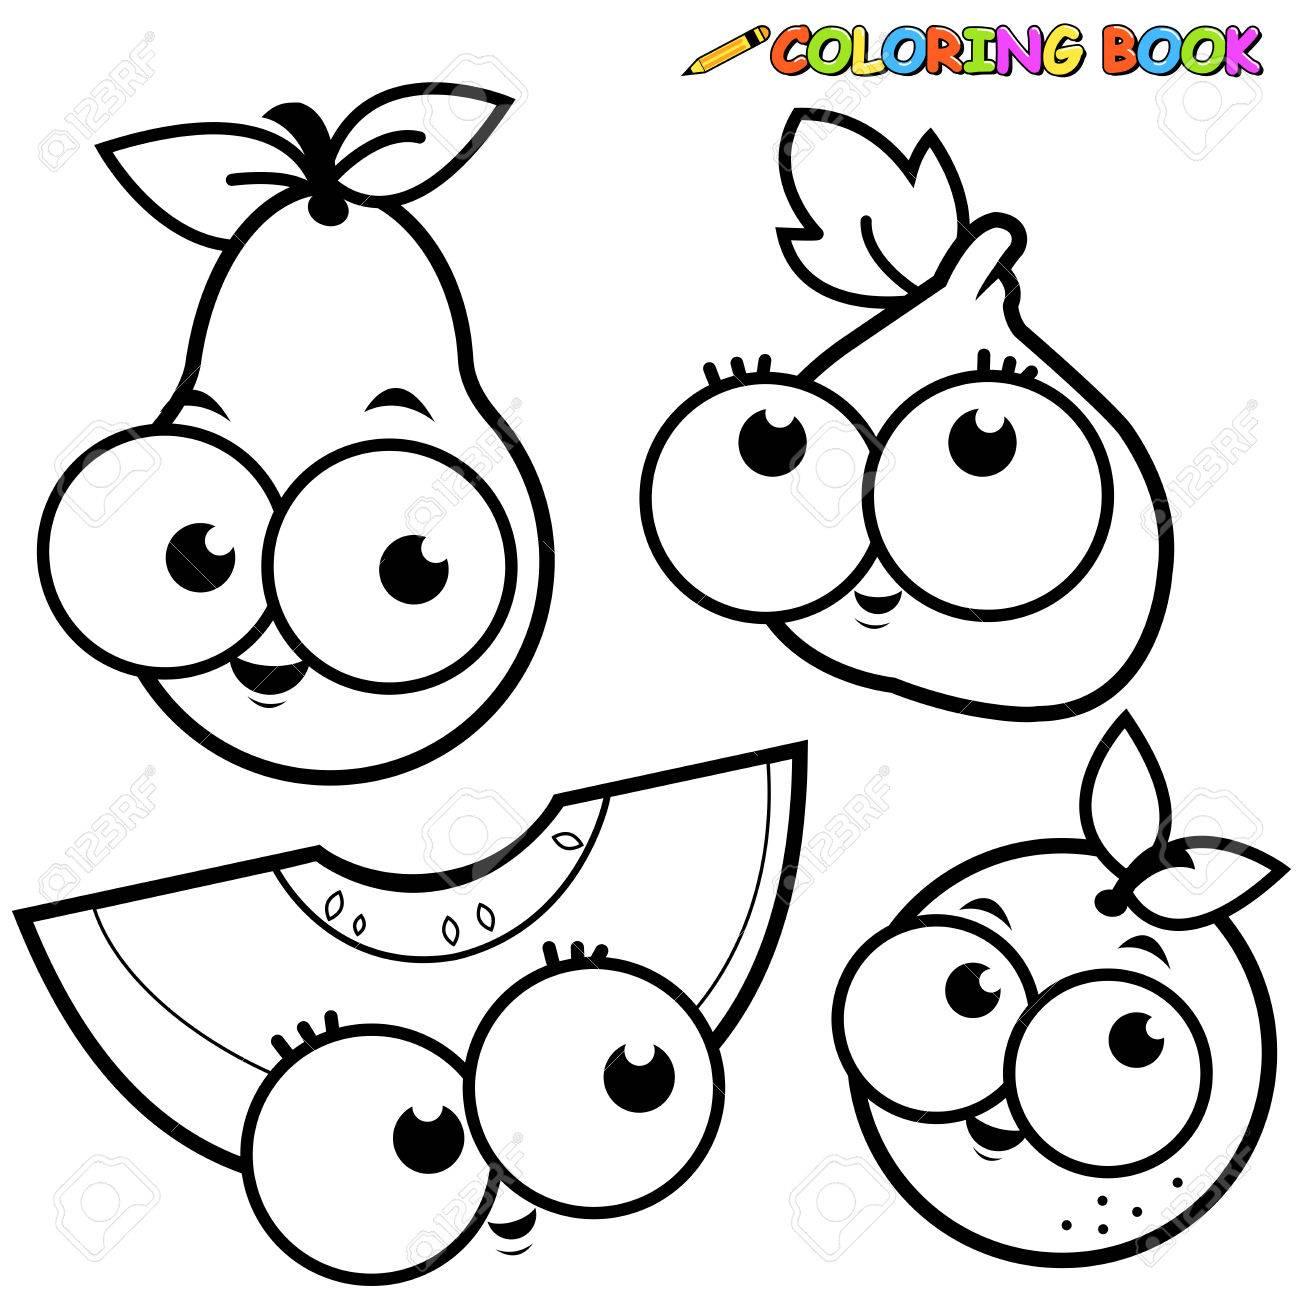 Dibujos De Frutas Para Colorear Kawaii Imagesacolorierwebsite